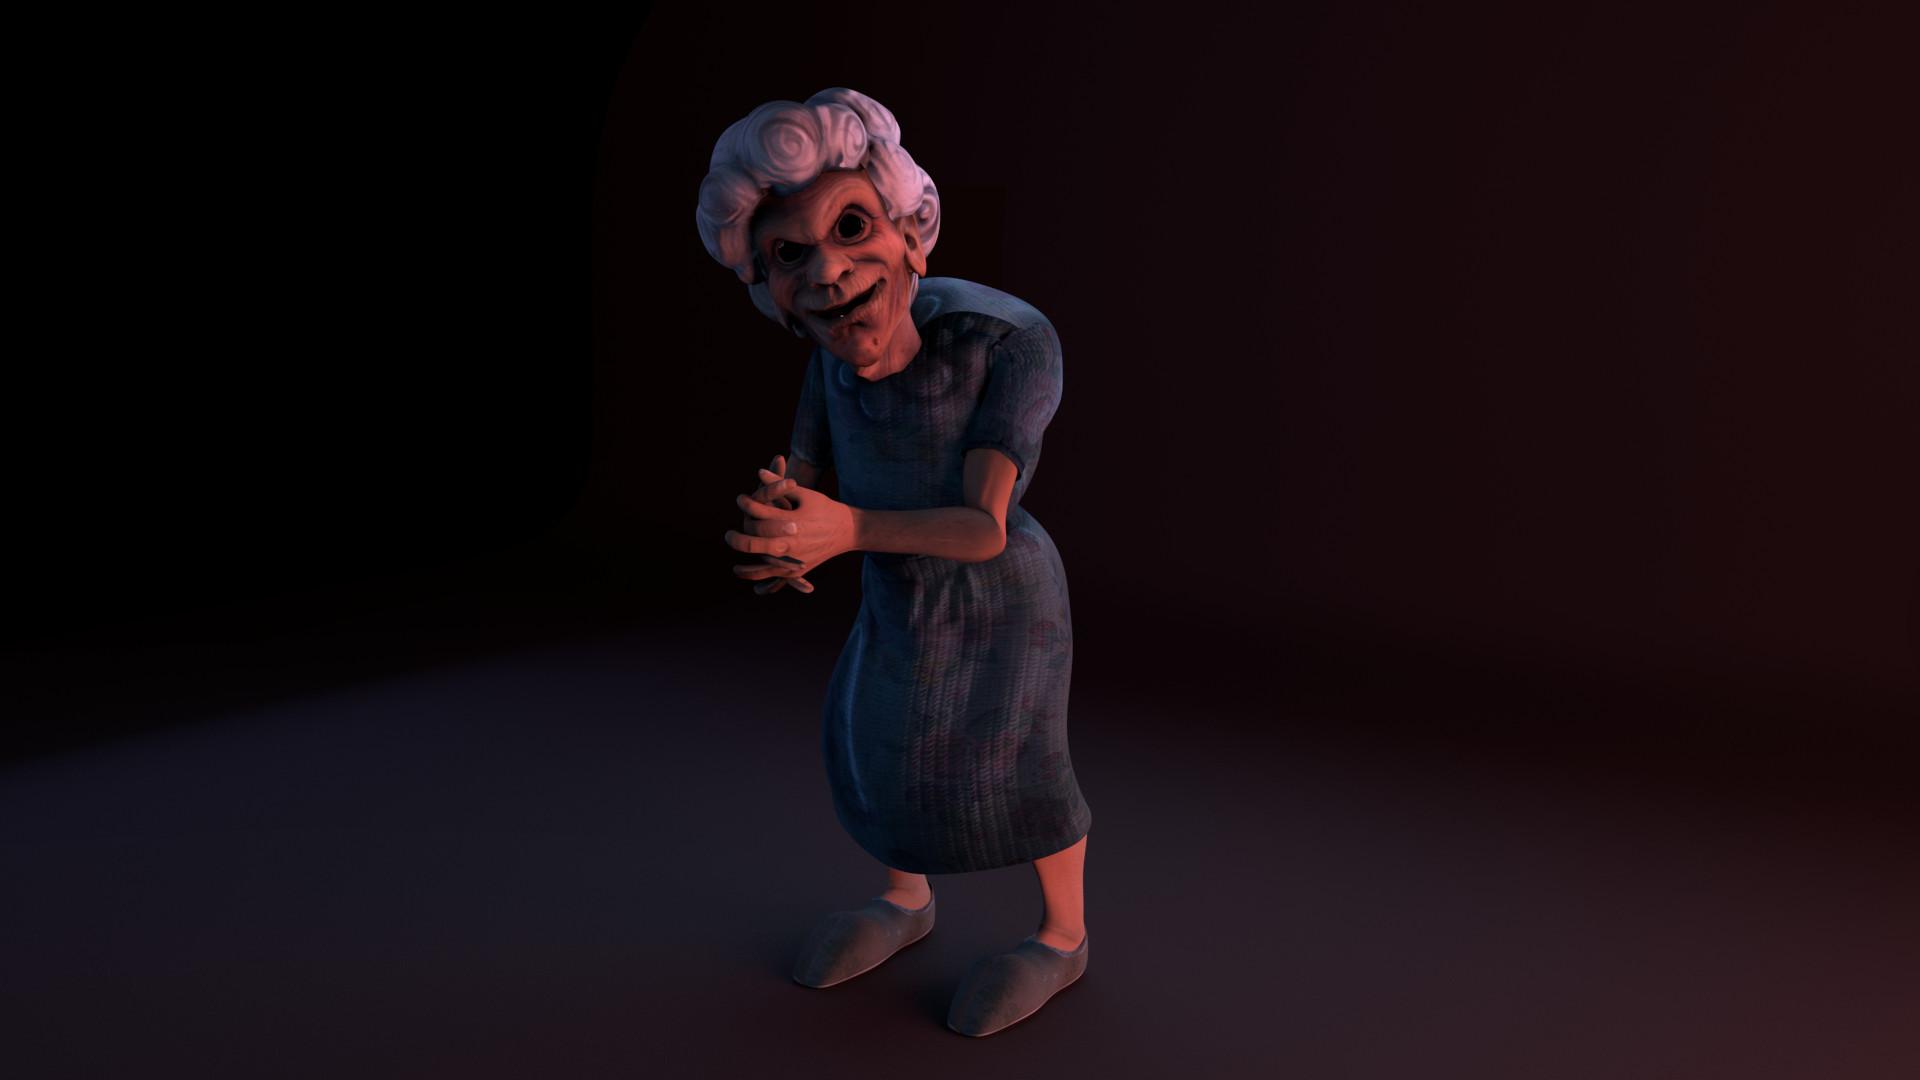 Irene arnaiz lopez sol render 02